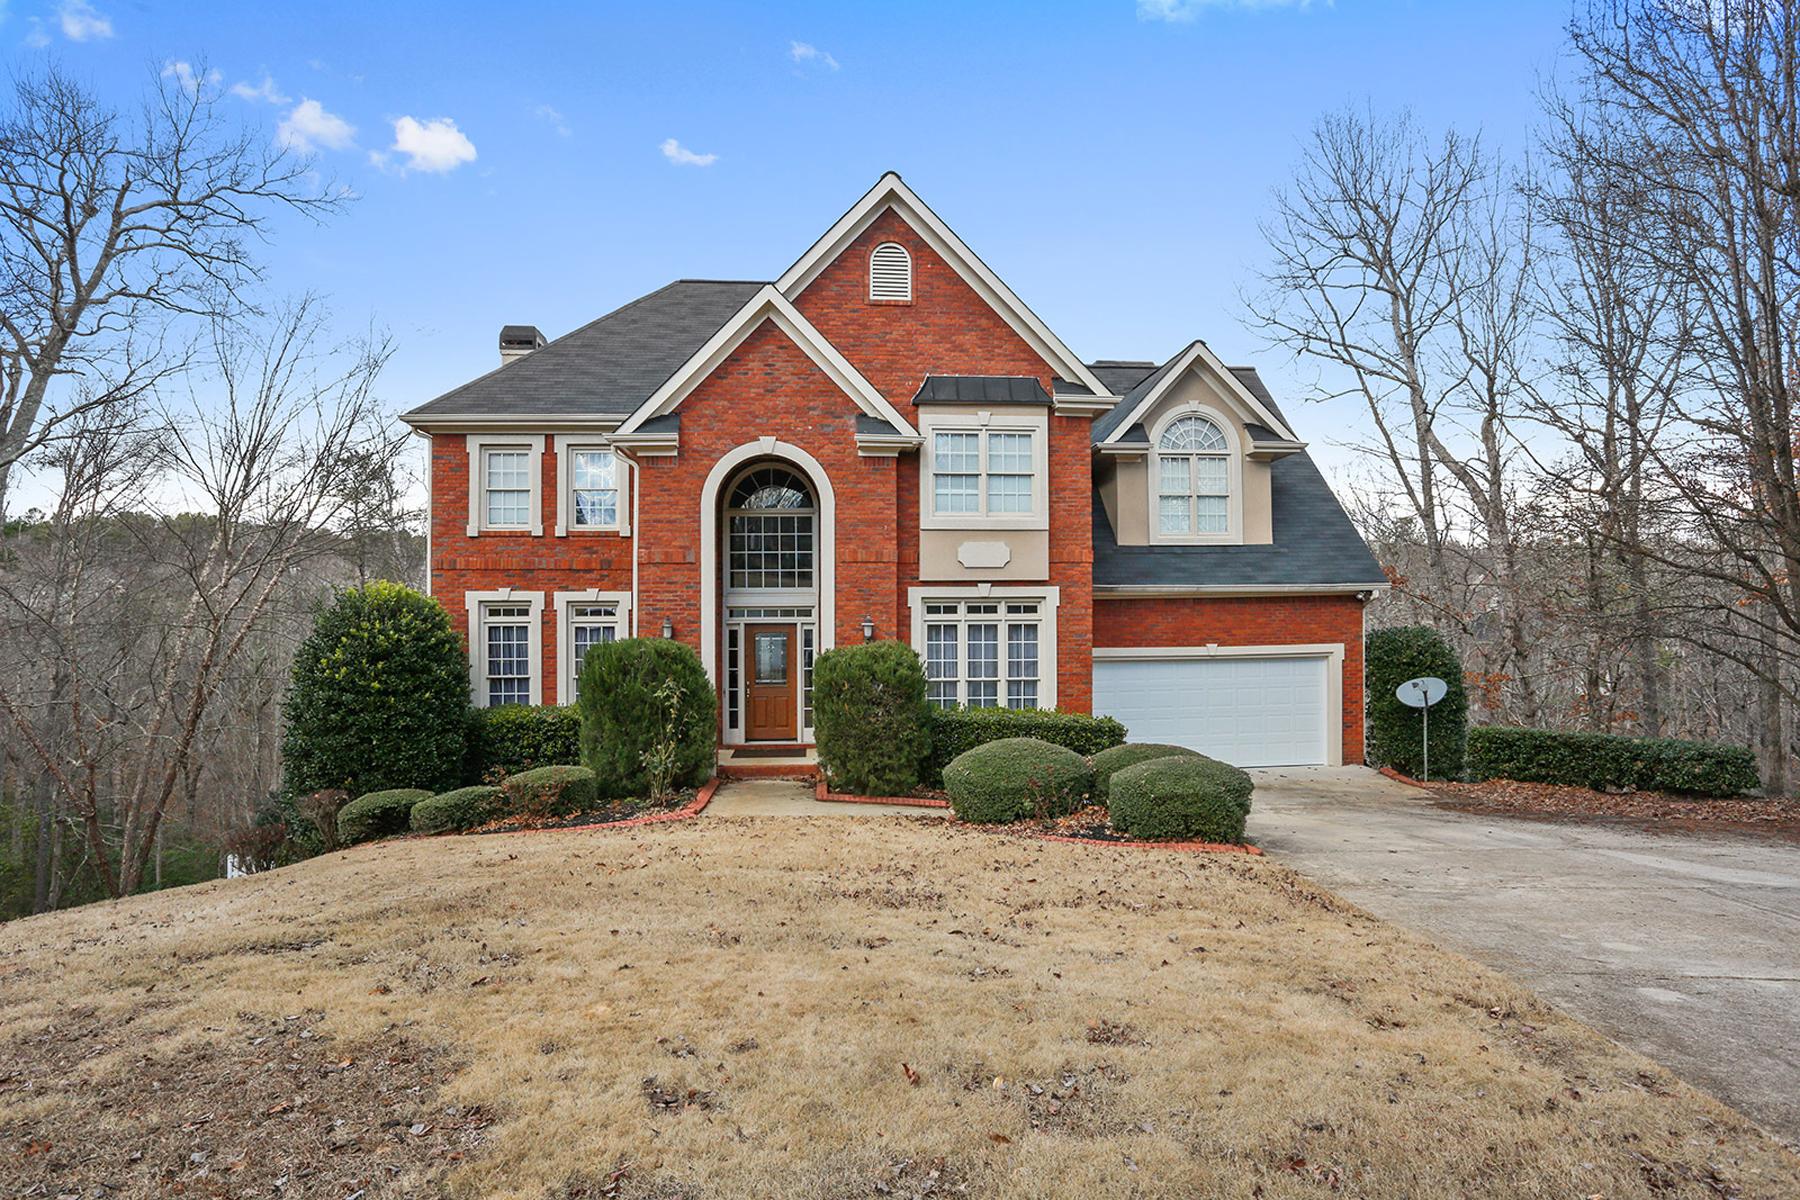 Villa per Vendita alle ore Golf Community Home With Pool 4965 Winterview Lane Douglasville, Georgia, 30135 Stati Uniti